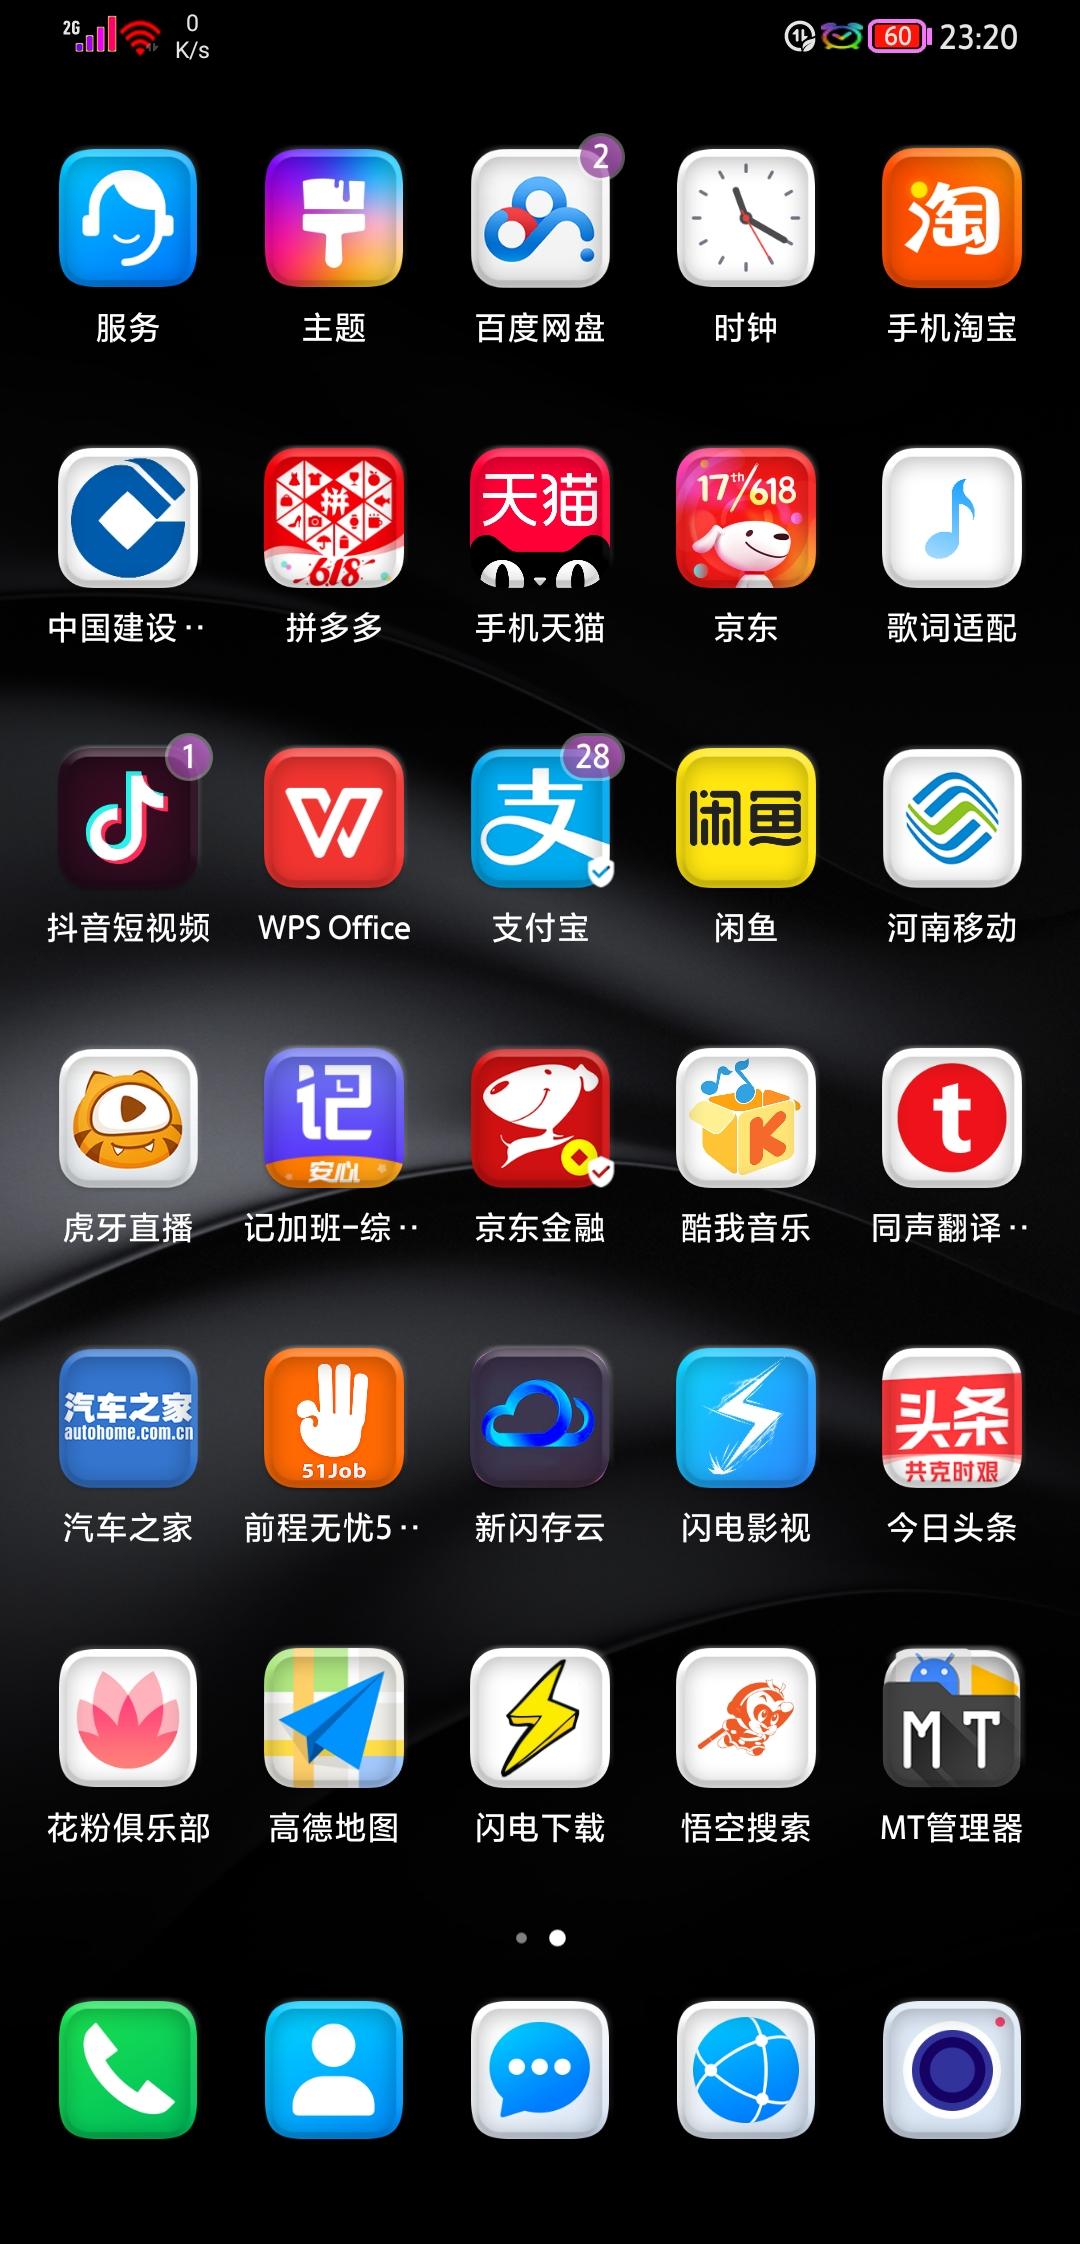 Screenshot_20200521_232025_com.huawei.android.launcher.jpg